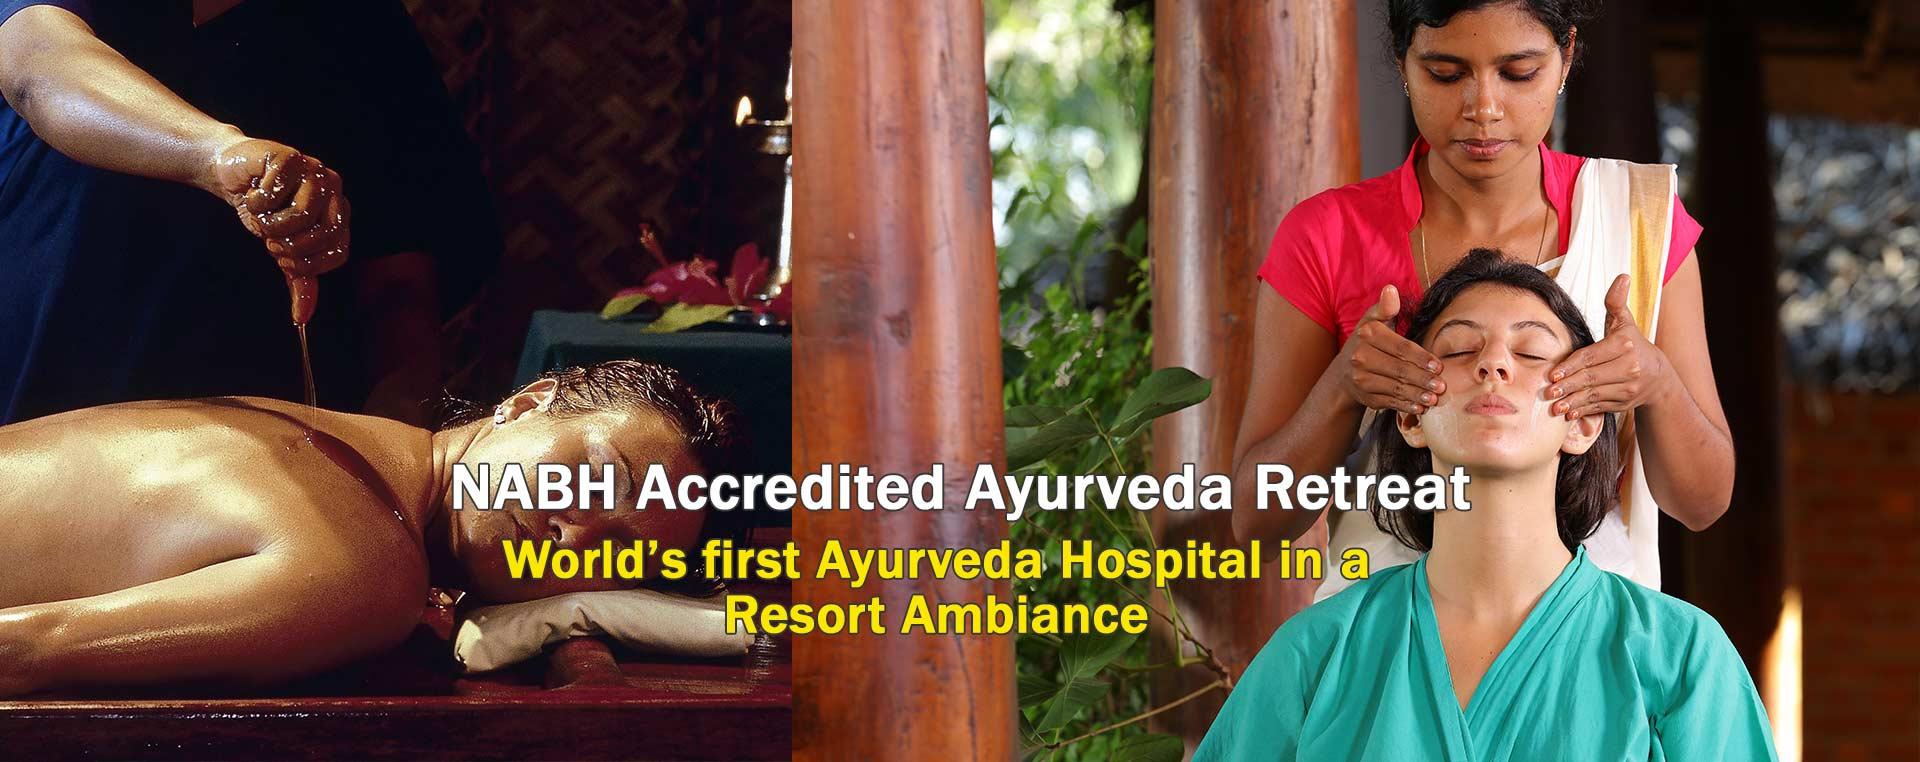 NABH Accredited Ayurveda Retreat